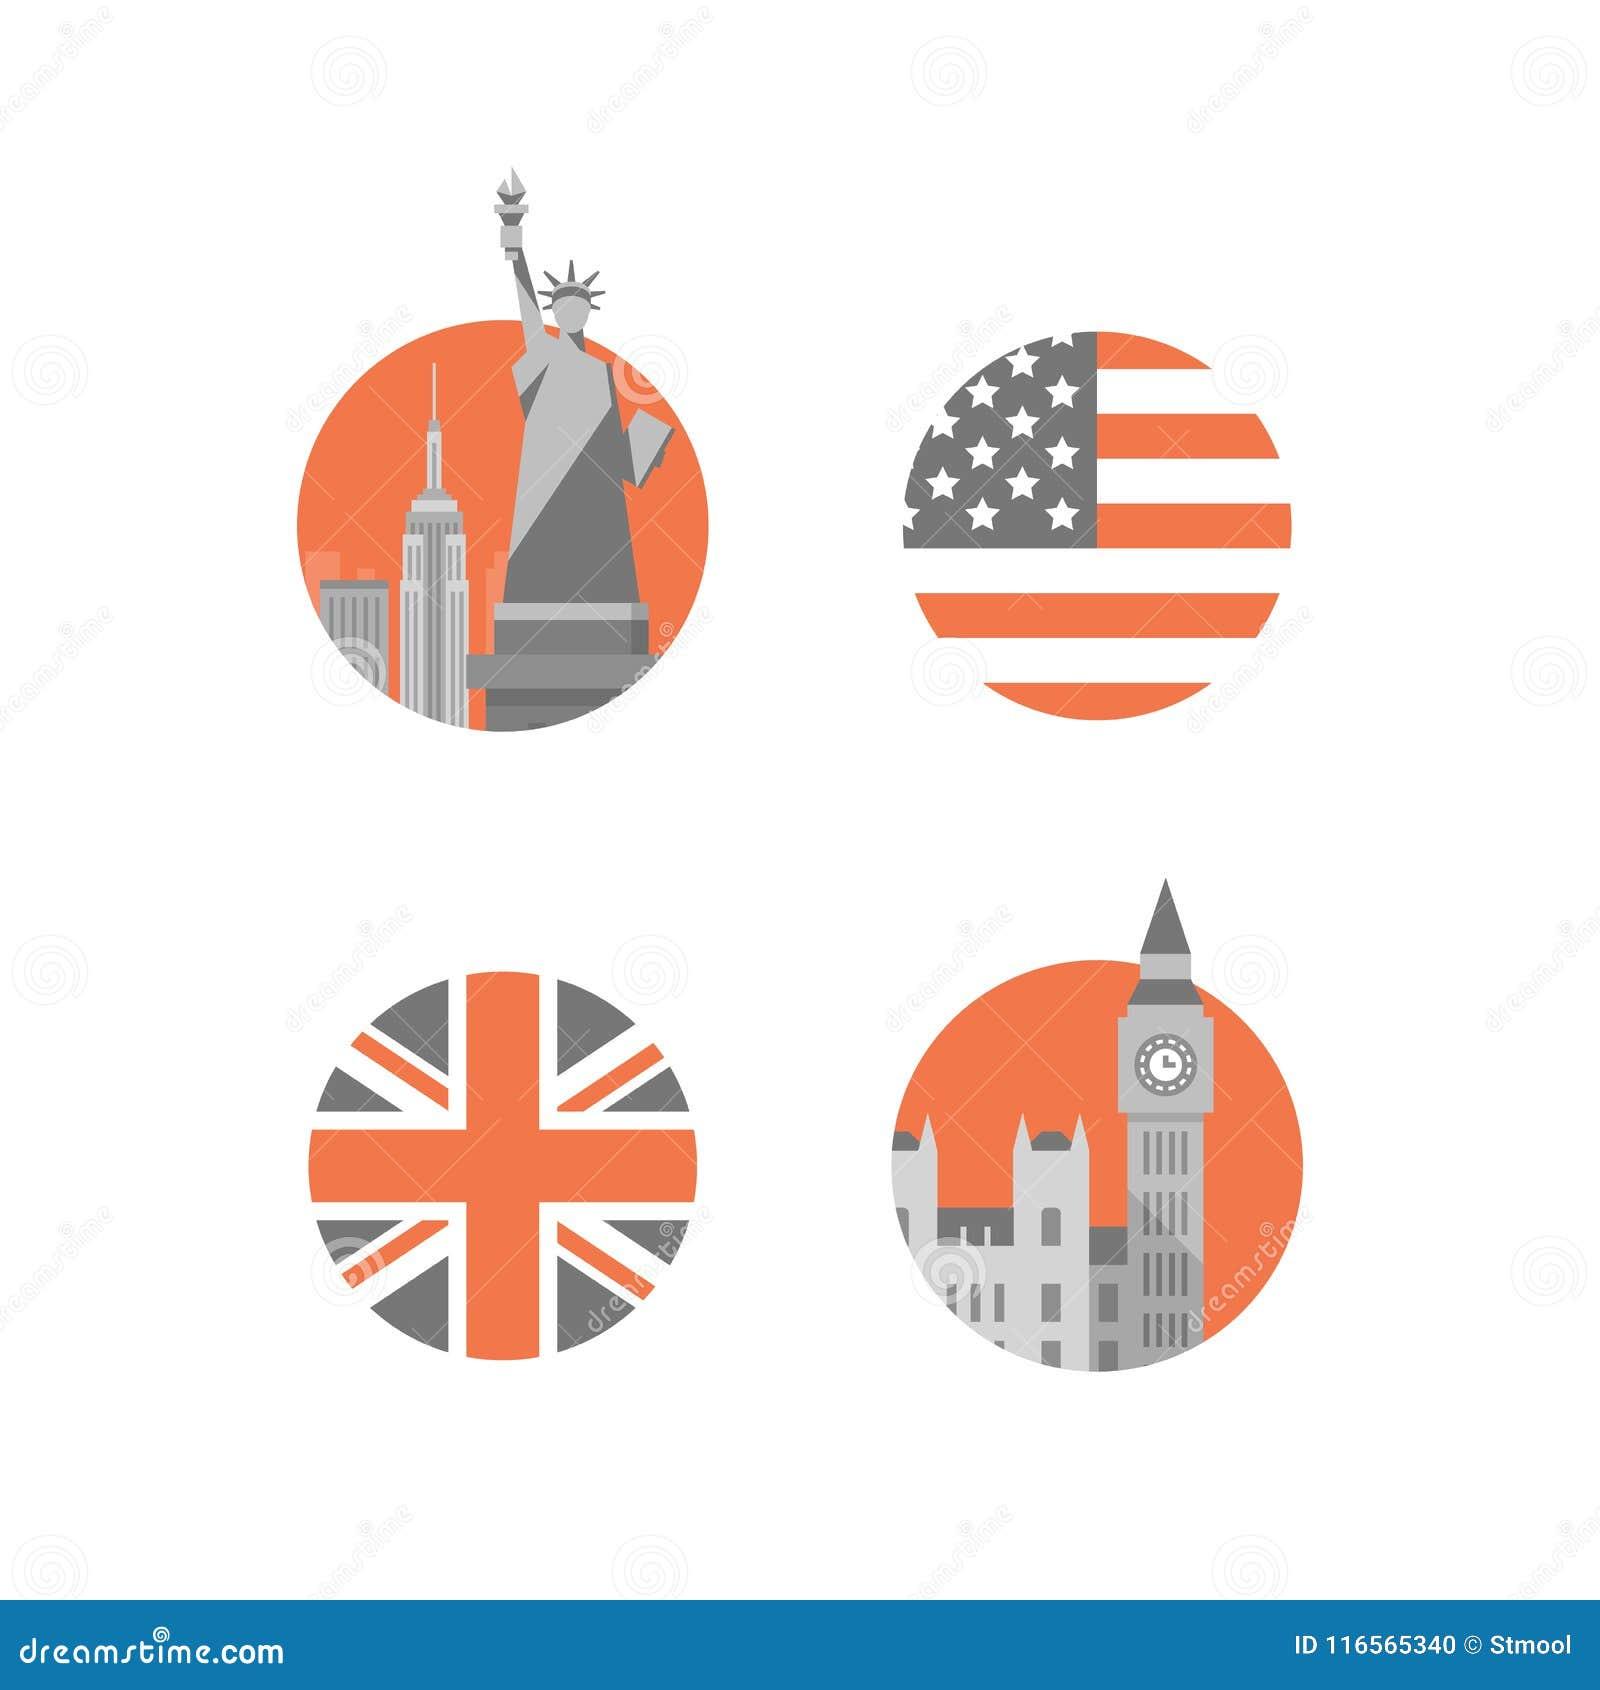 New York, estátua da liberdade, torre de Londres, de Big Ben, língua inglesa internacional da educação, a britânica e a americana